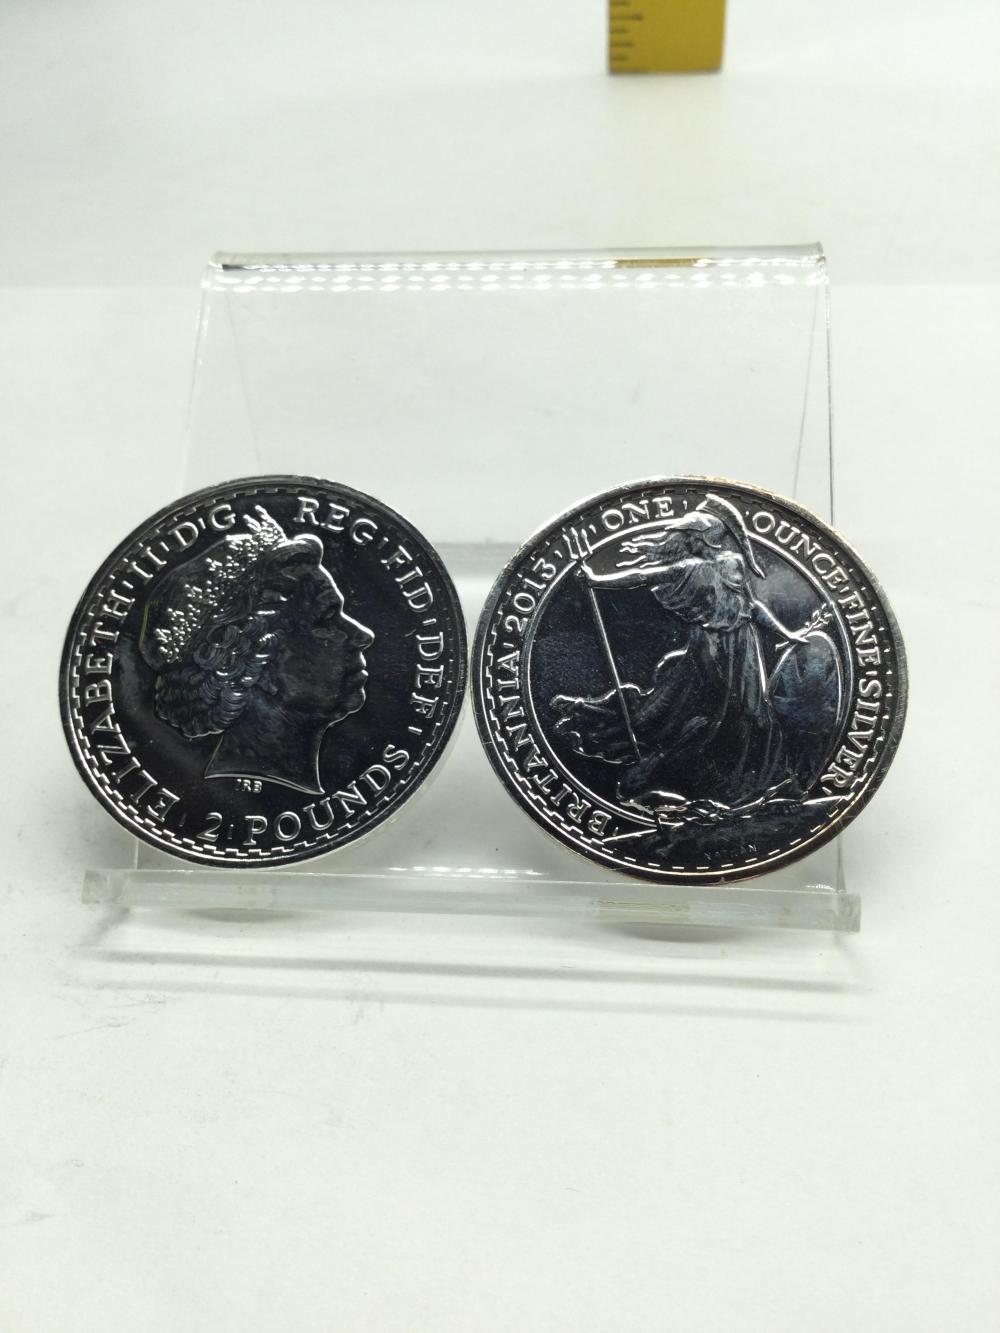 2 Britannia Fine Silver Rounds